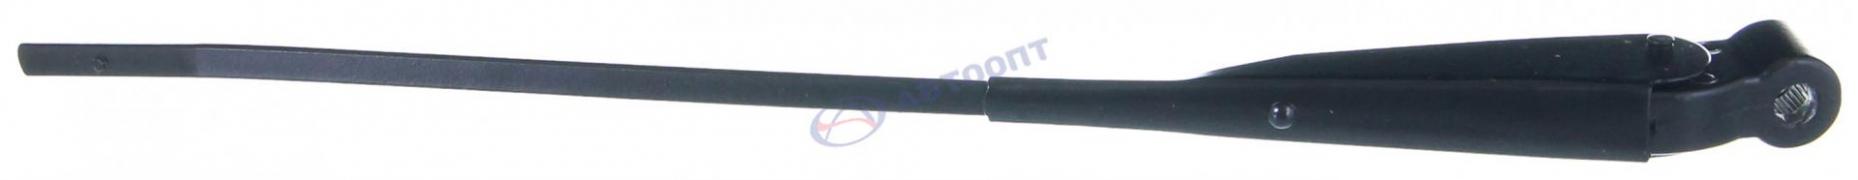 Рычаг стеклоочистителя ВАЗ-2101-07,2121 (85.5205-300) (г.Ставрово)